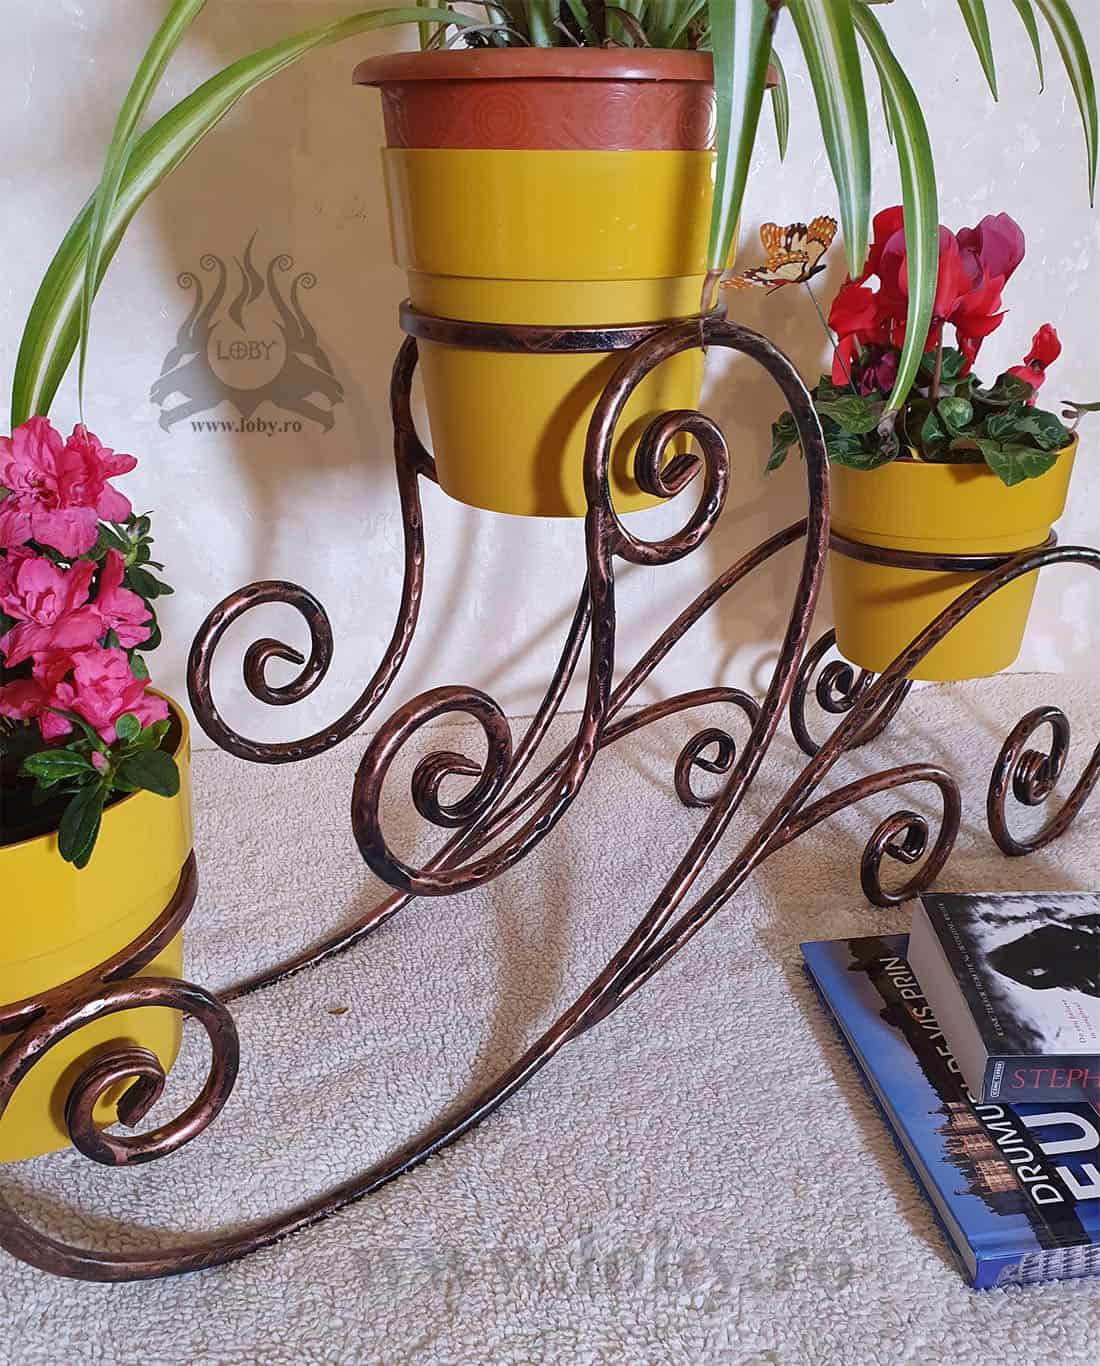 Suport flori din fier forjat rotund detaliu